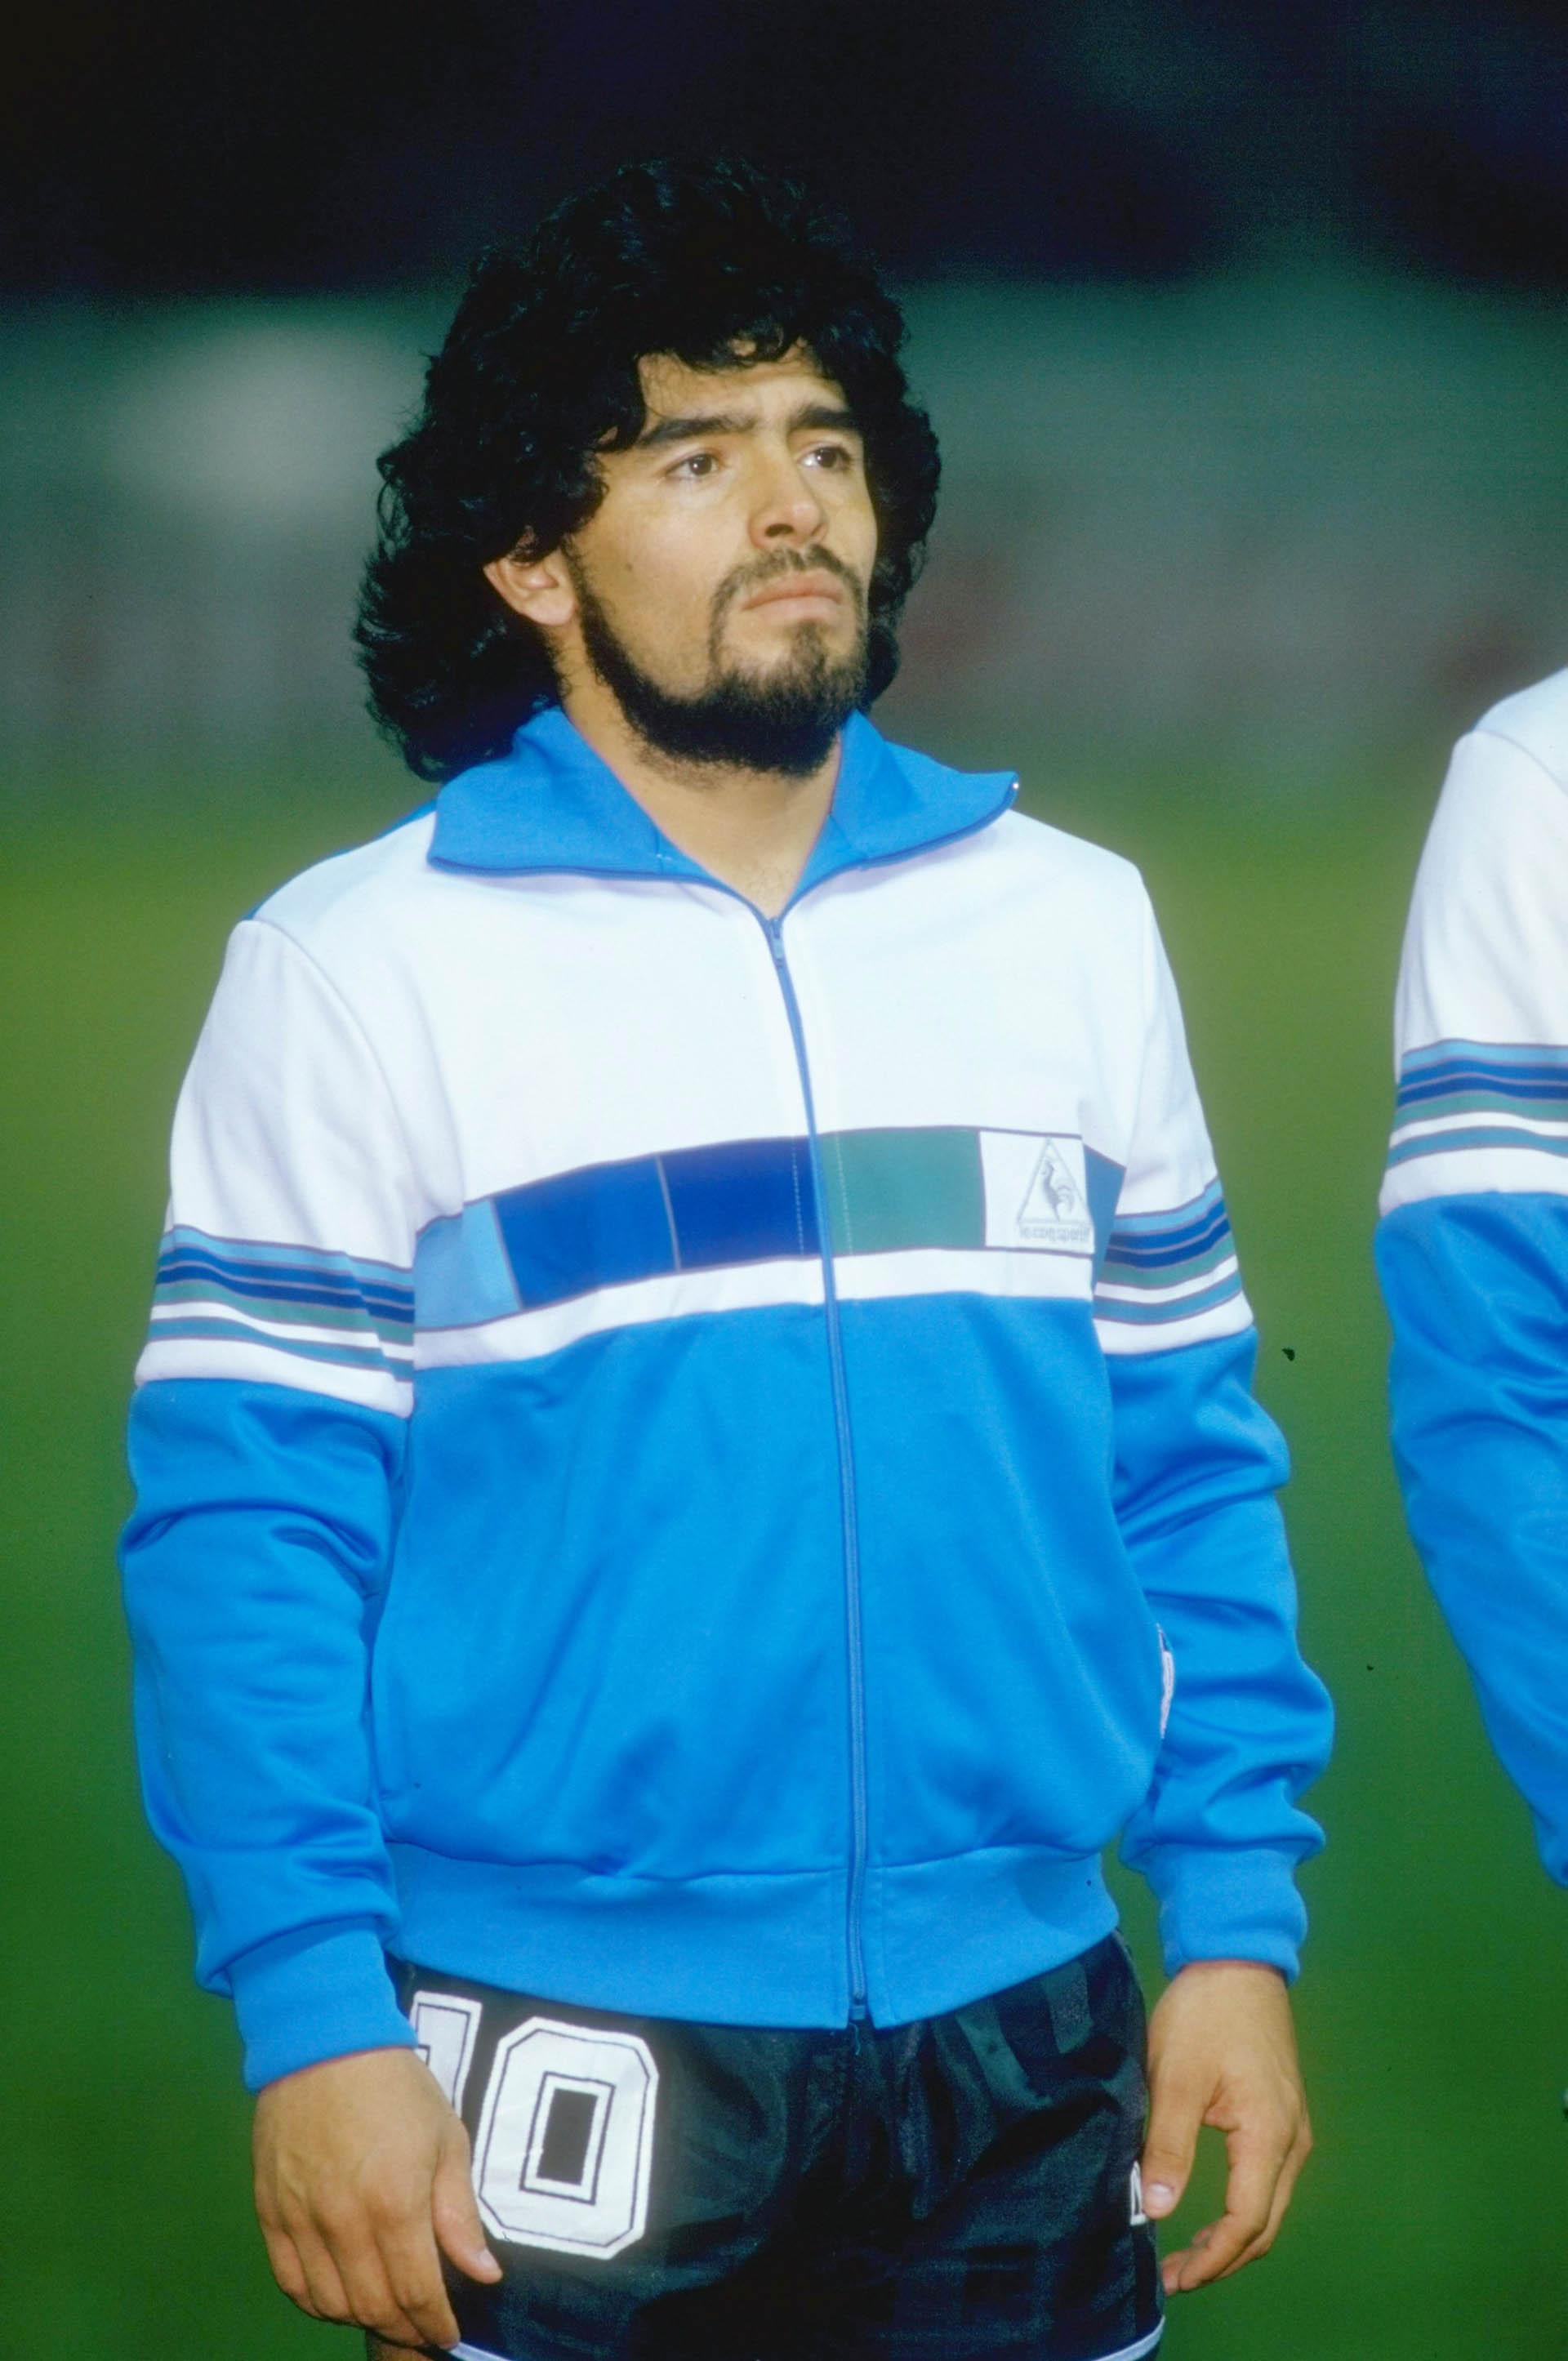 Rulos y barba, un look que utilizó bastante durante la década del '80